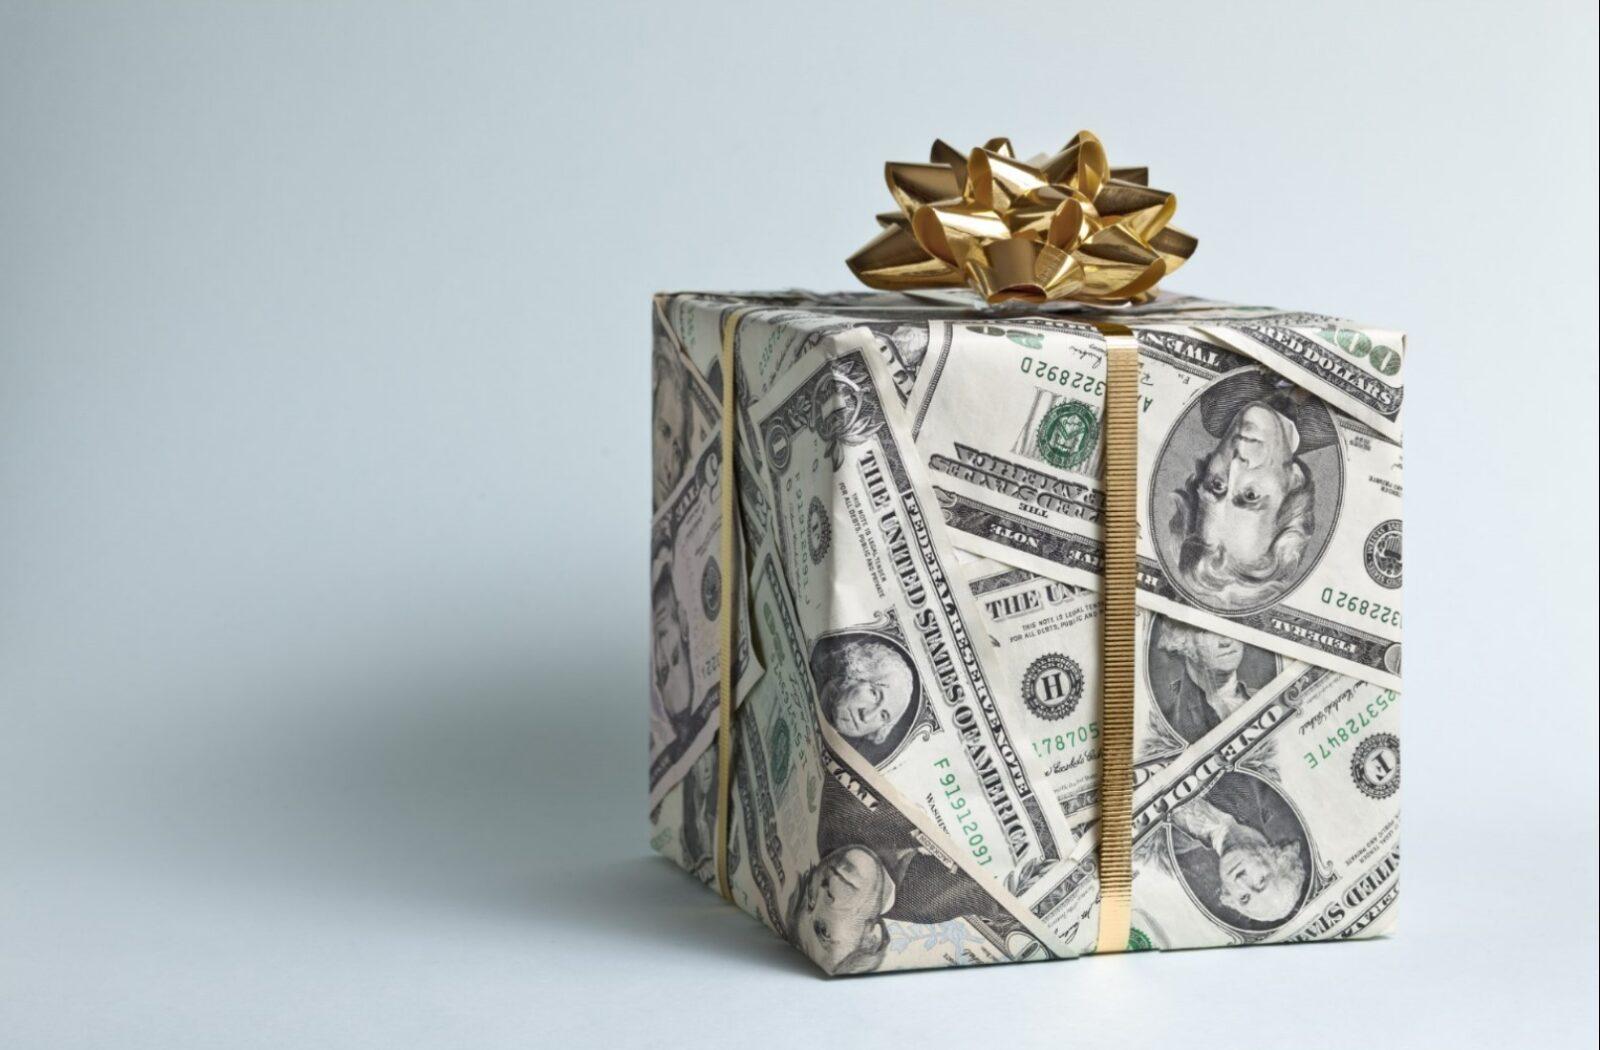 Договор дарения денежных средств между родственниками